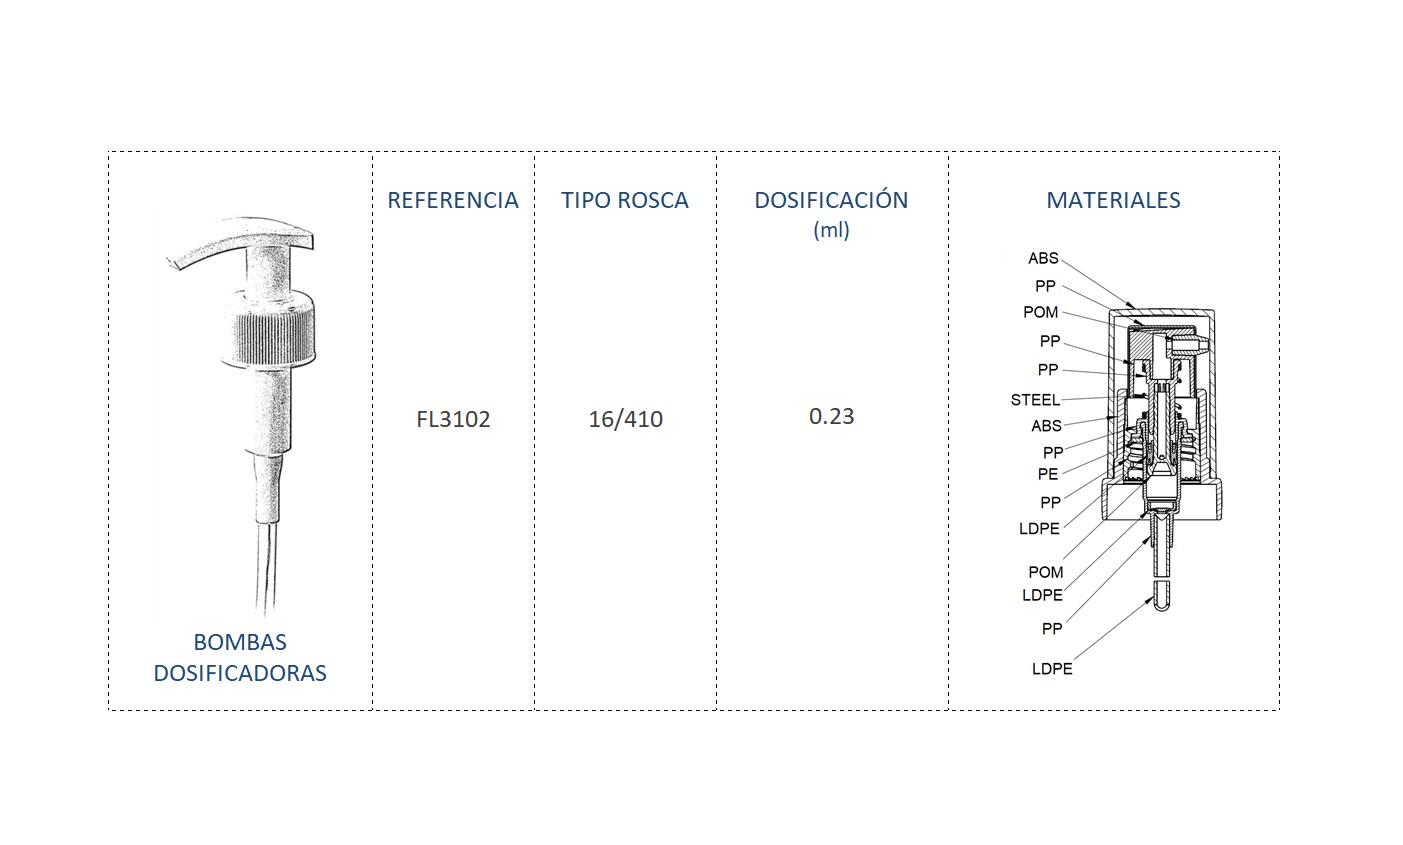 Cuadro materiales bomba dosificadora FL3102 16-410